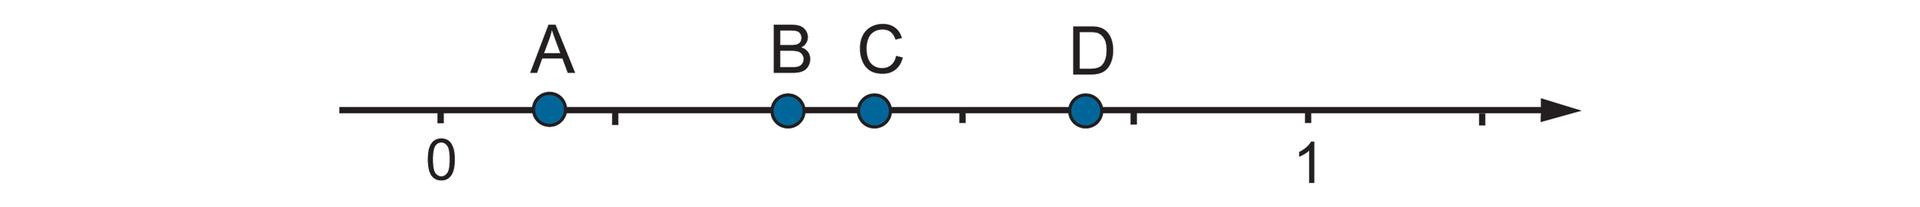 Rysunek osi liczbowej zzaznaczonymi punktami 0 i1. Odcinek jednostkowy podzielony na 5 równych części. Między punktami 0 i1 zaznaczone punkty A, B, C, D.